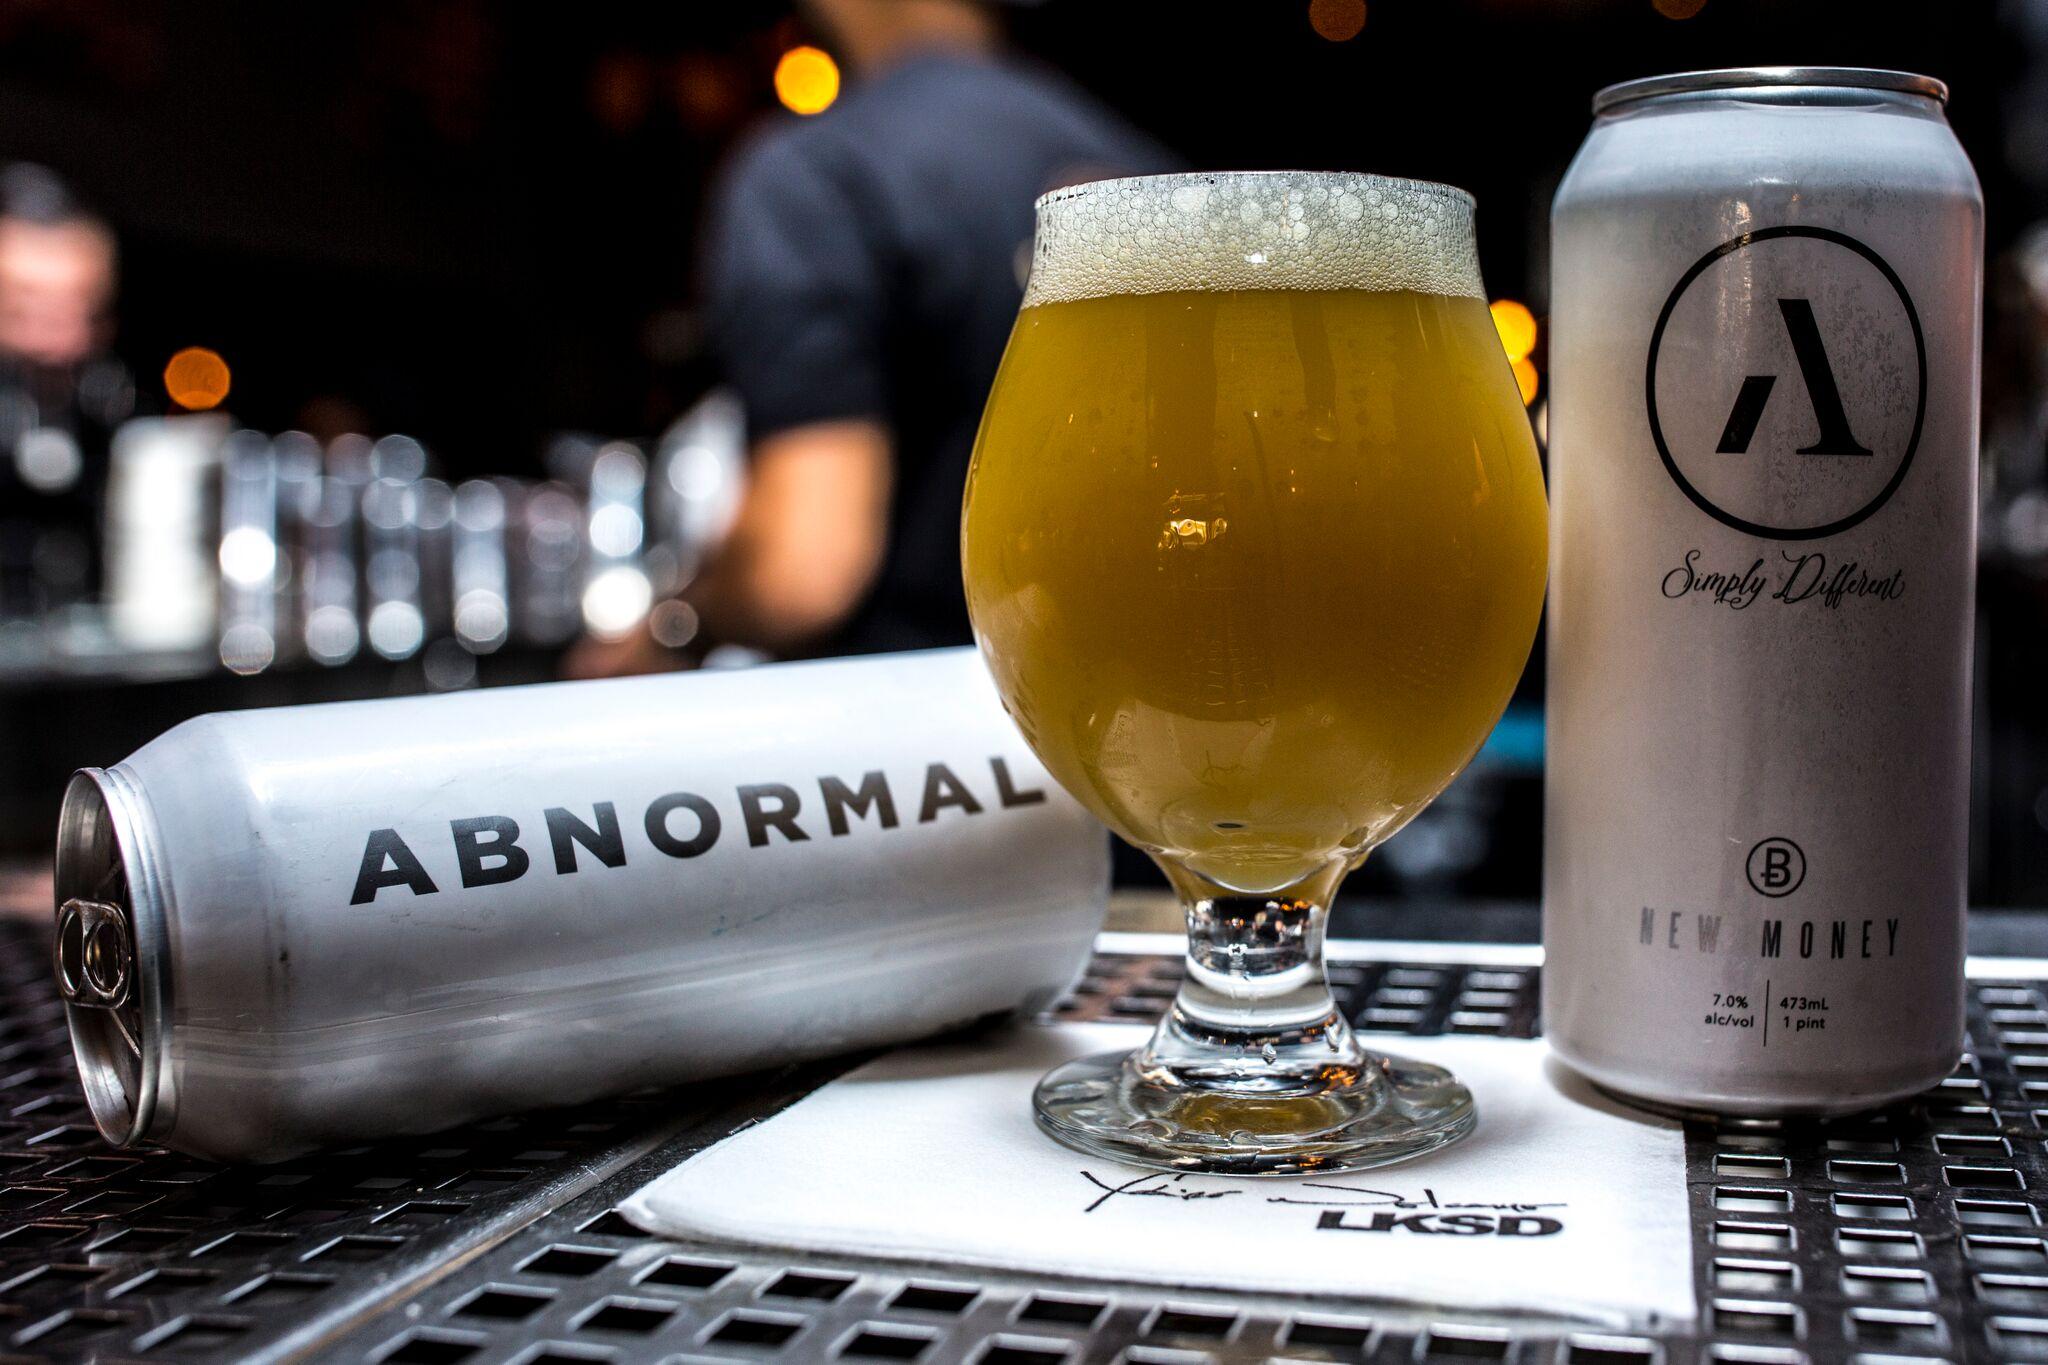 Abnormal Beer